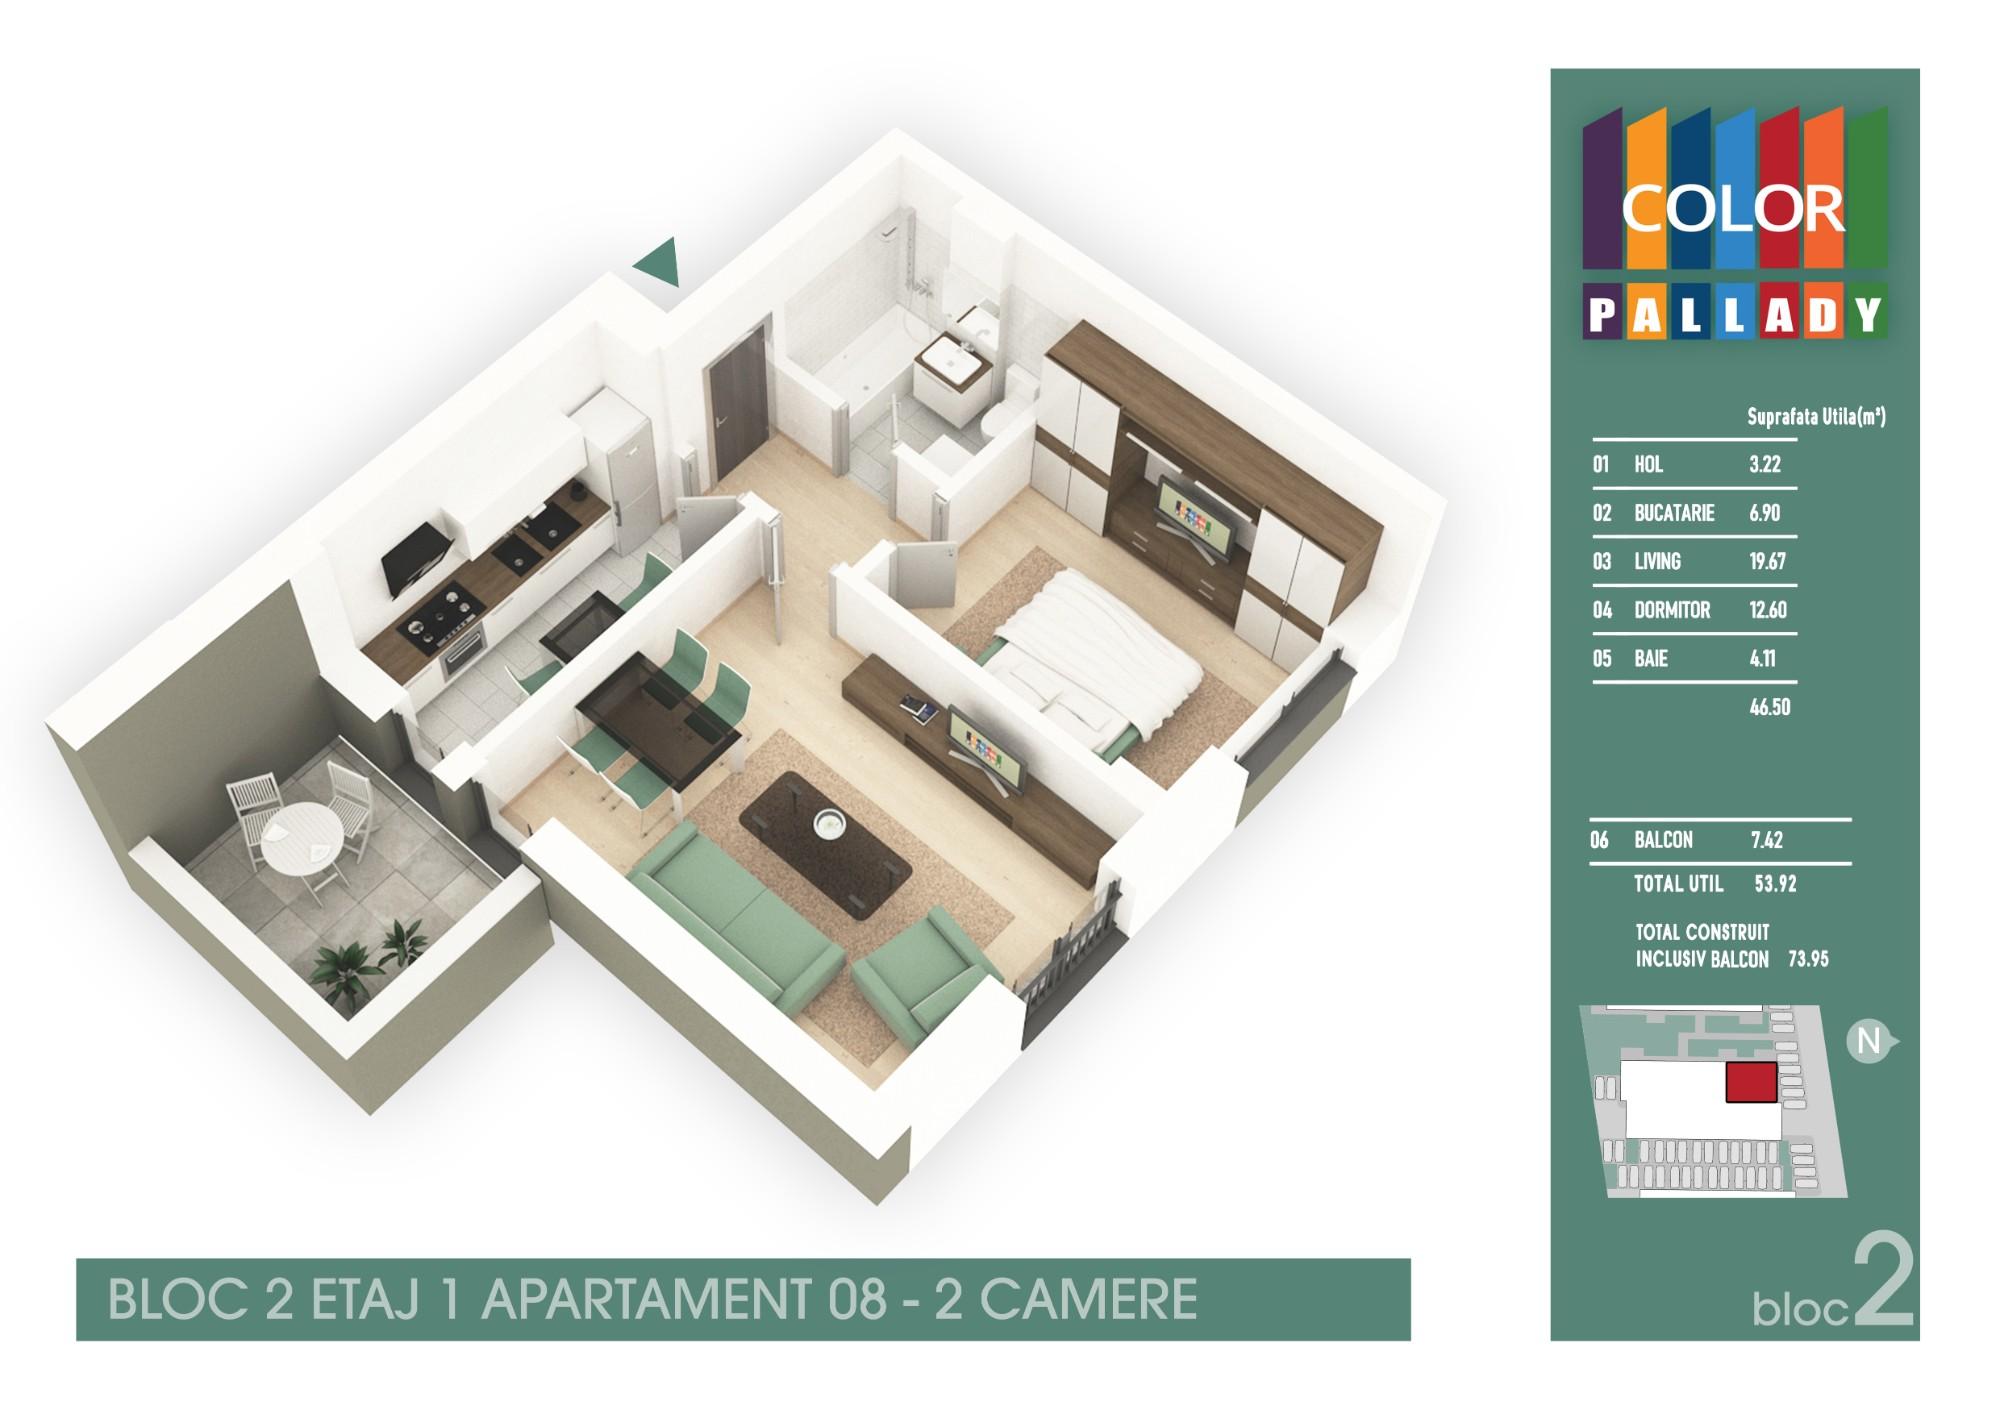 Bloc 2 - Etaj 1 - Apartament 08